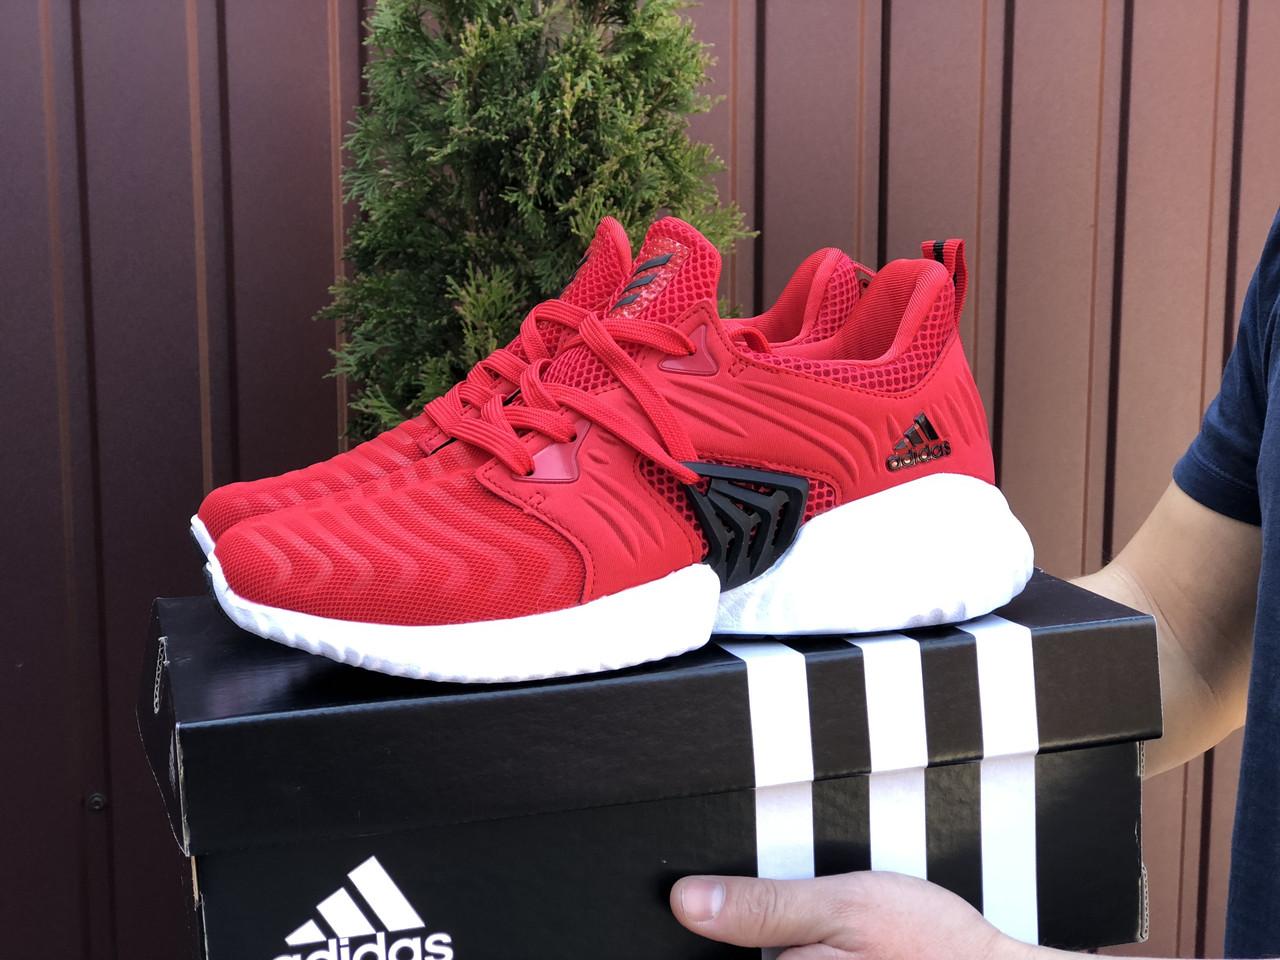 Мужские кроссовки Adidas Alphabounce Instinct (красные) B10449 крутые кроссы для парней